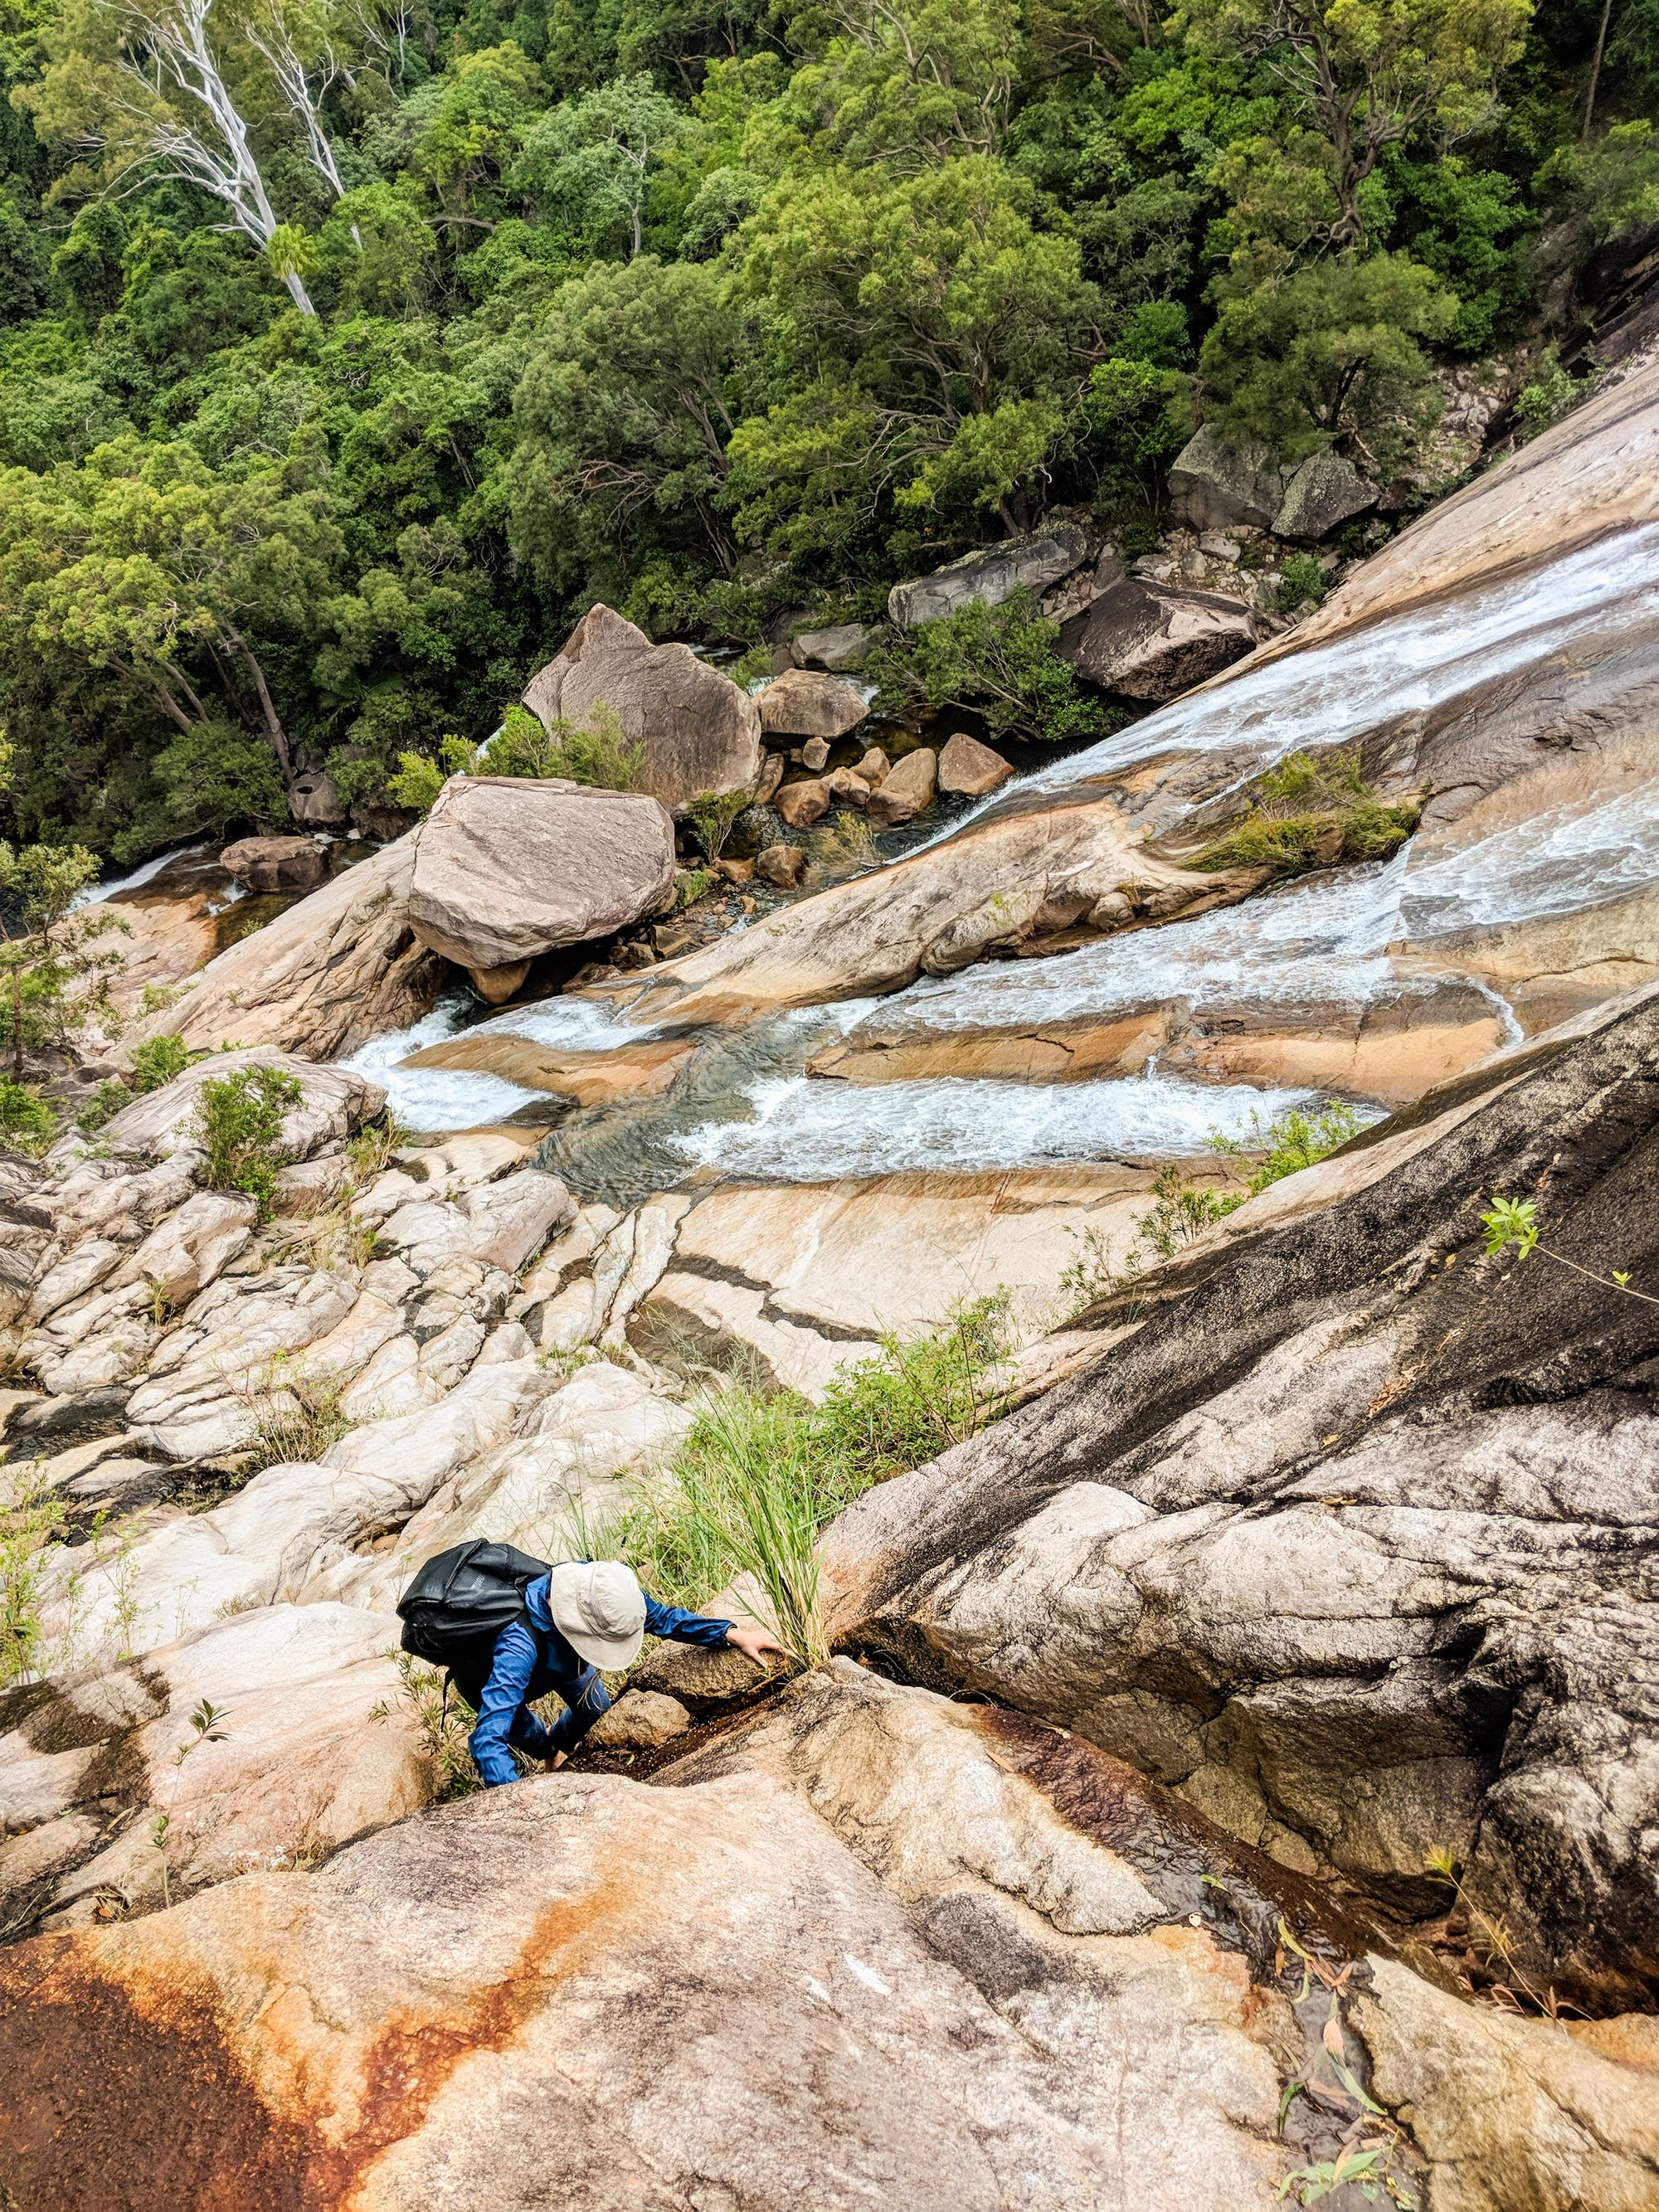 climbing alligator falls benafsha yosufi